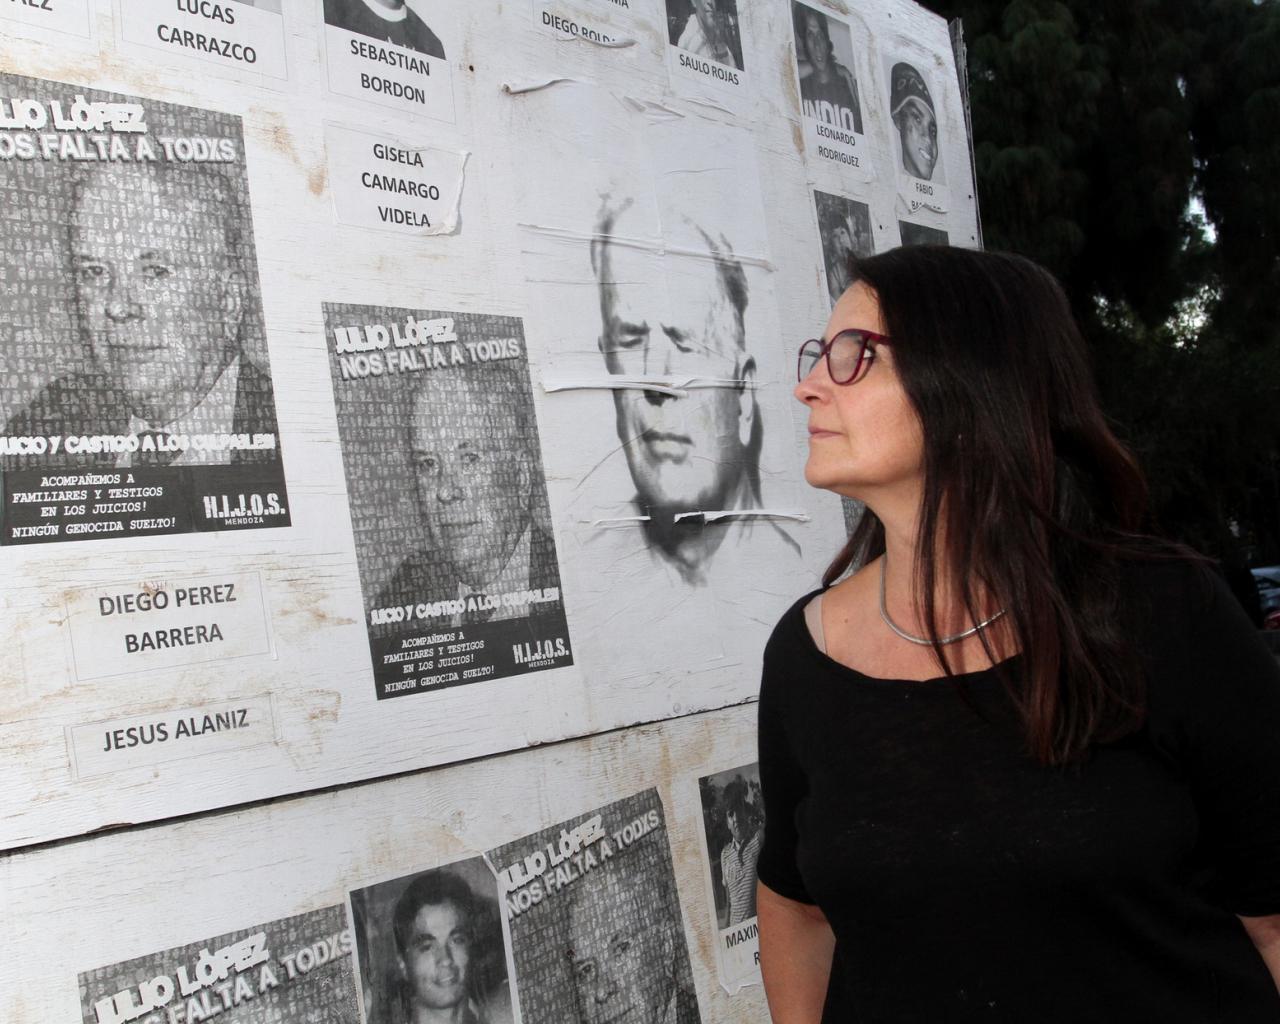 """Luz Faingold: """"Me salvé de ser una desaparecida"""" - Diario El Sol ..."""